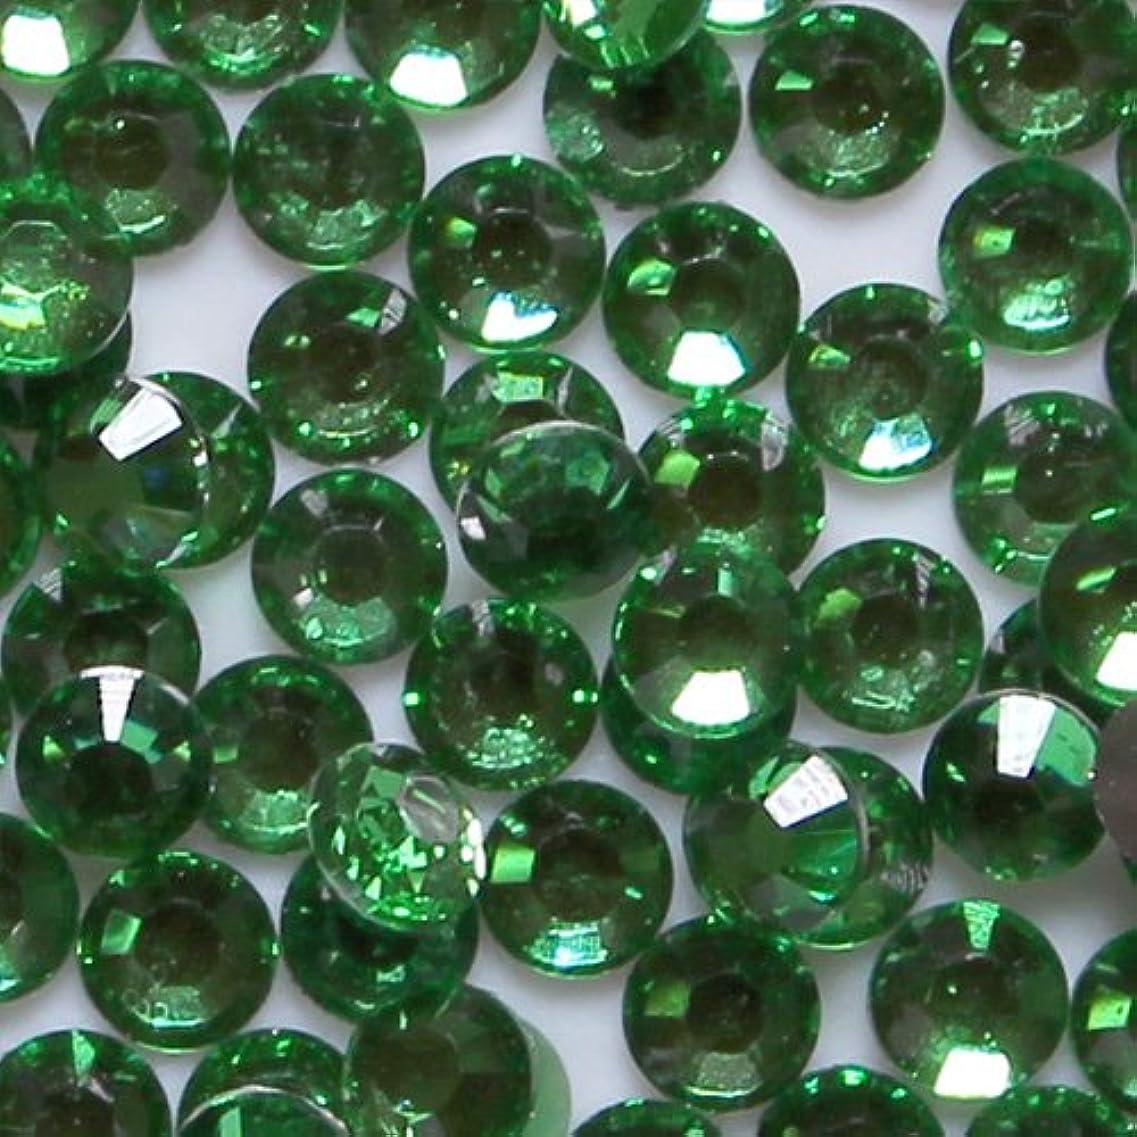 値する主張生命体高品質 アクリルストーン ラインストーン ラウンドフラット 2mm 3mm 4mm 3サイズセット 計1000粒入り グリーントルマリン